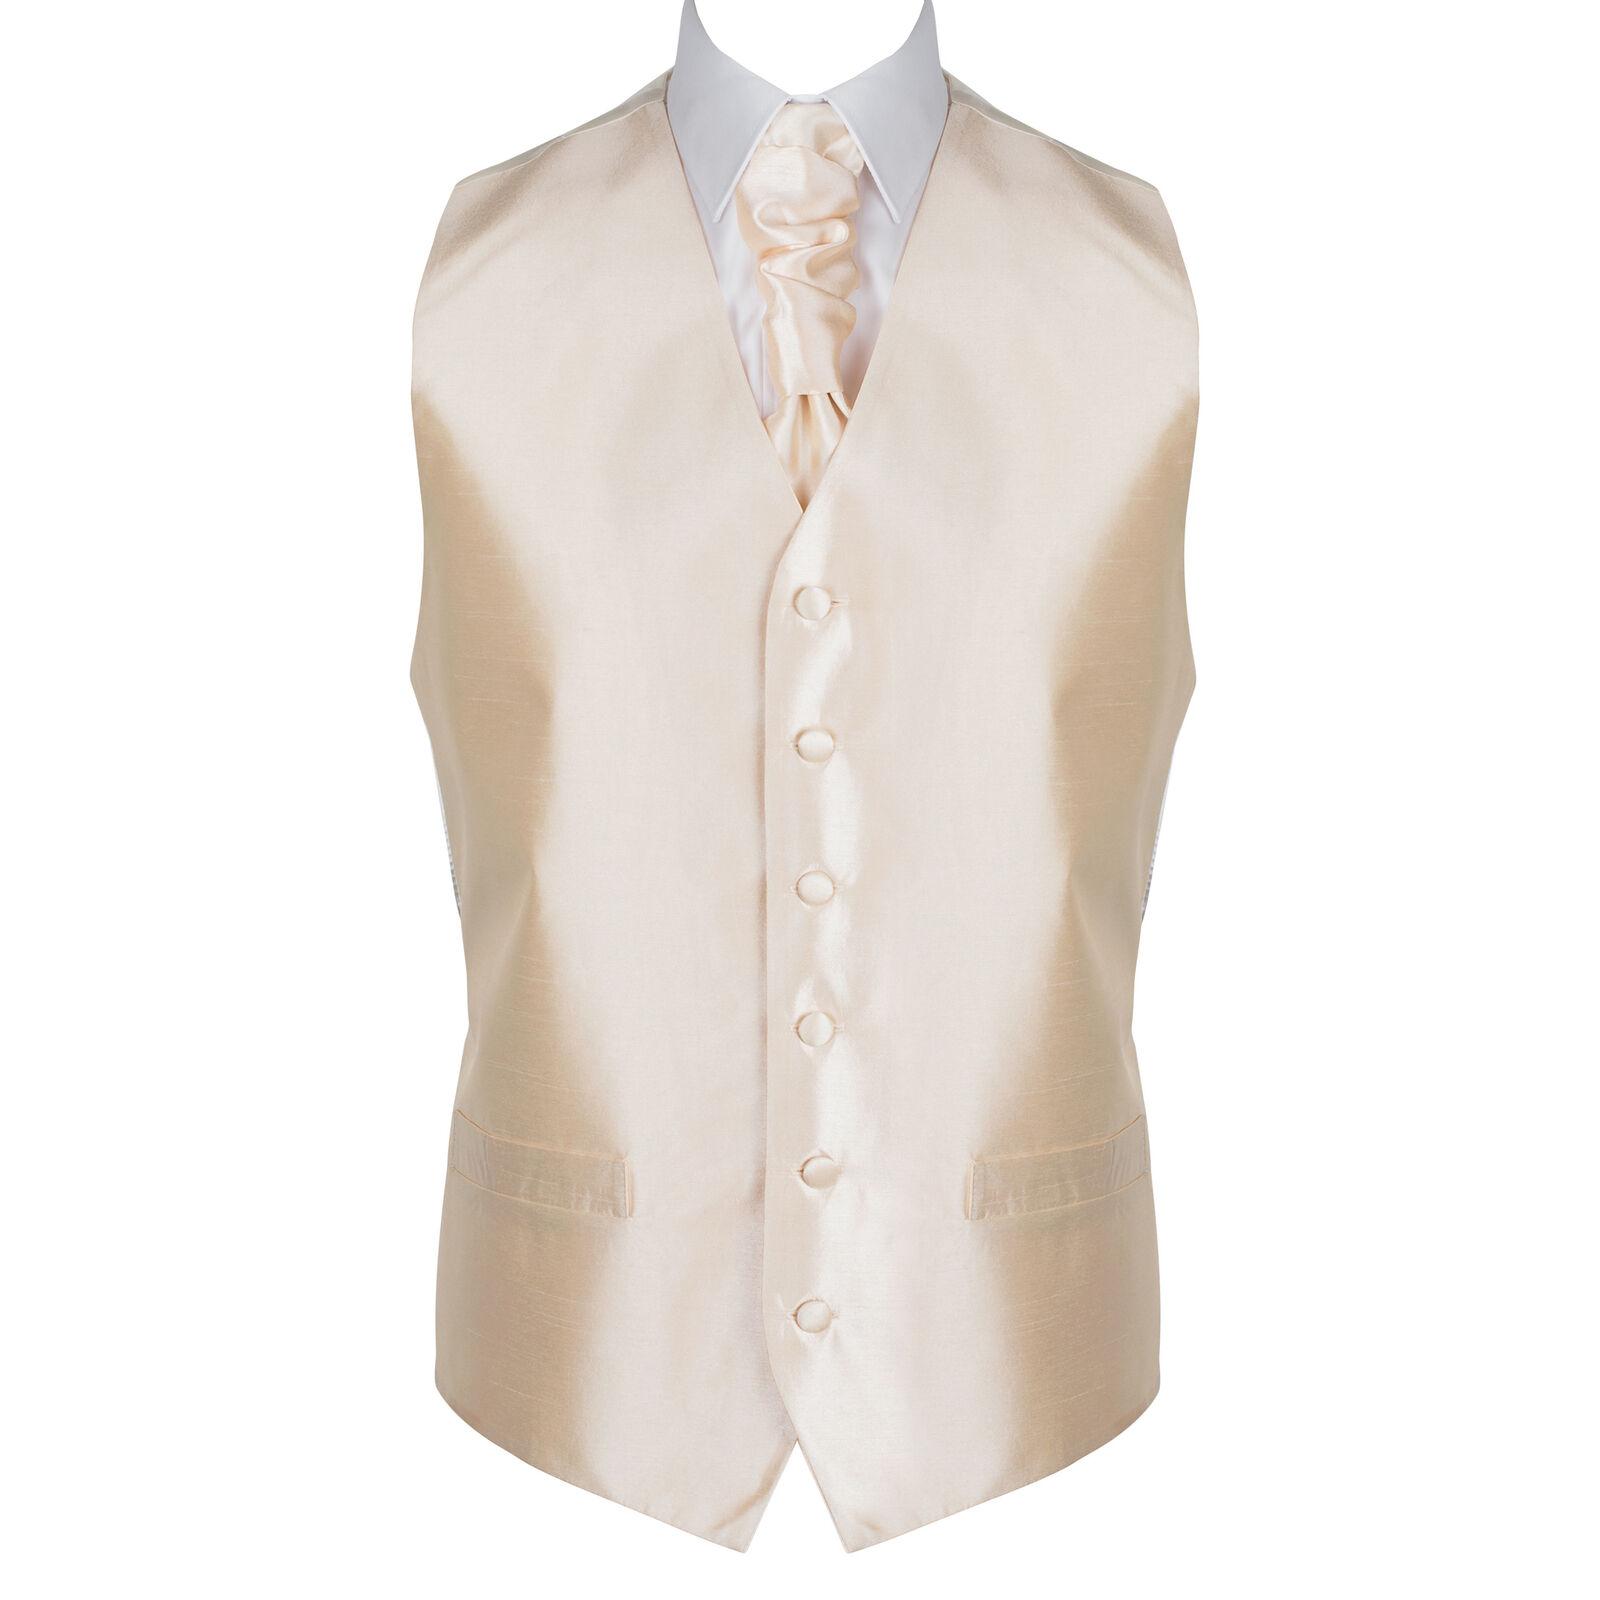 UK Men's Butter Cream Wedding Waistcoat Plain 6 Button Jacquard Suit Vest Tailor